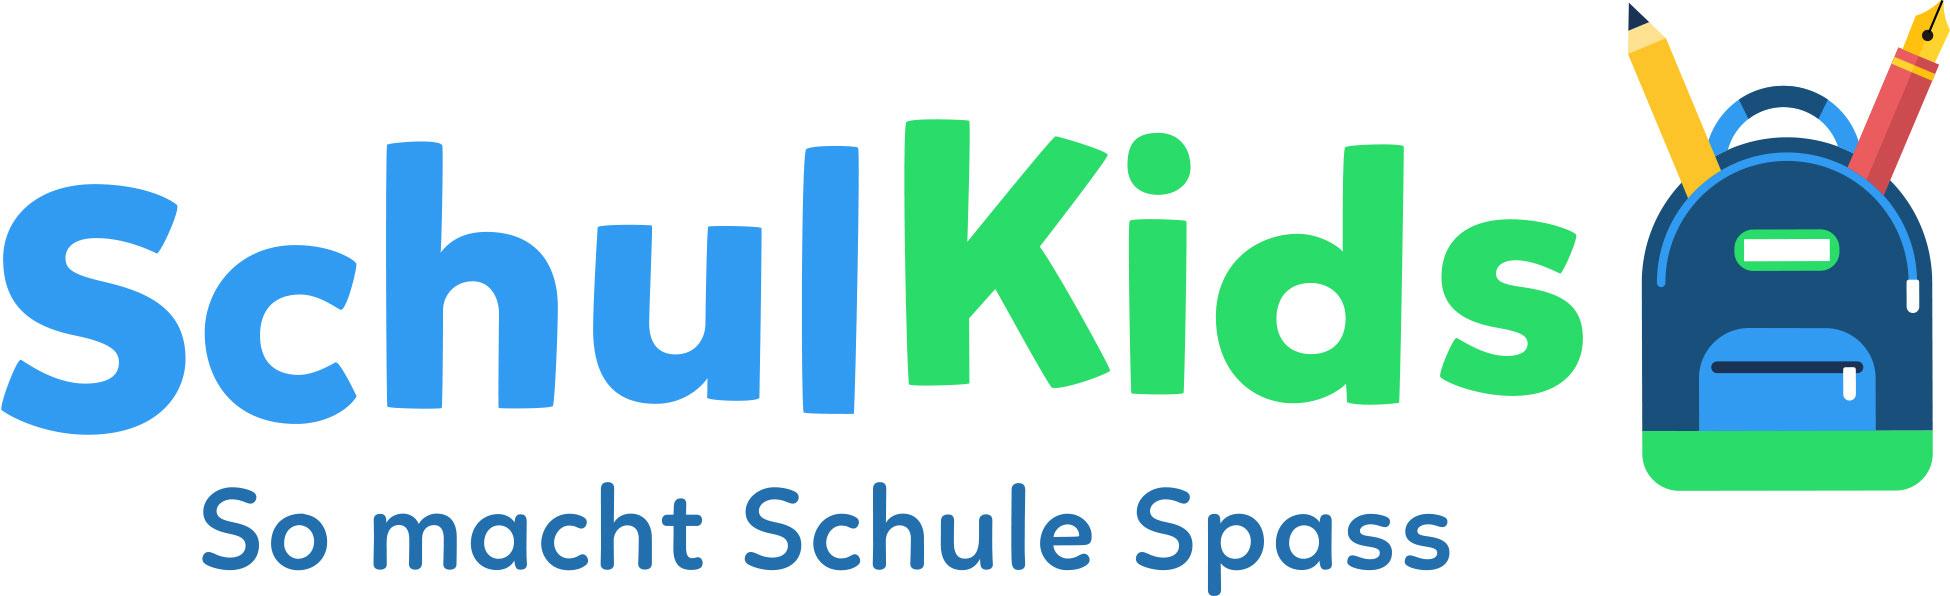 SchulKids_Logo.jpg